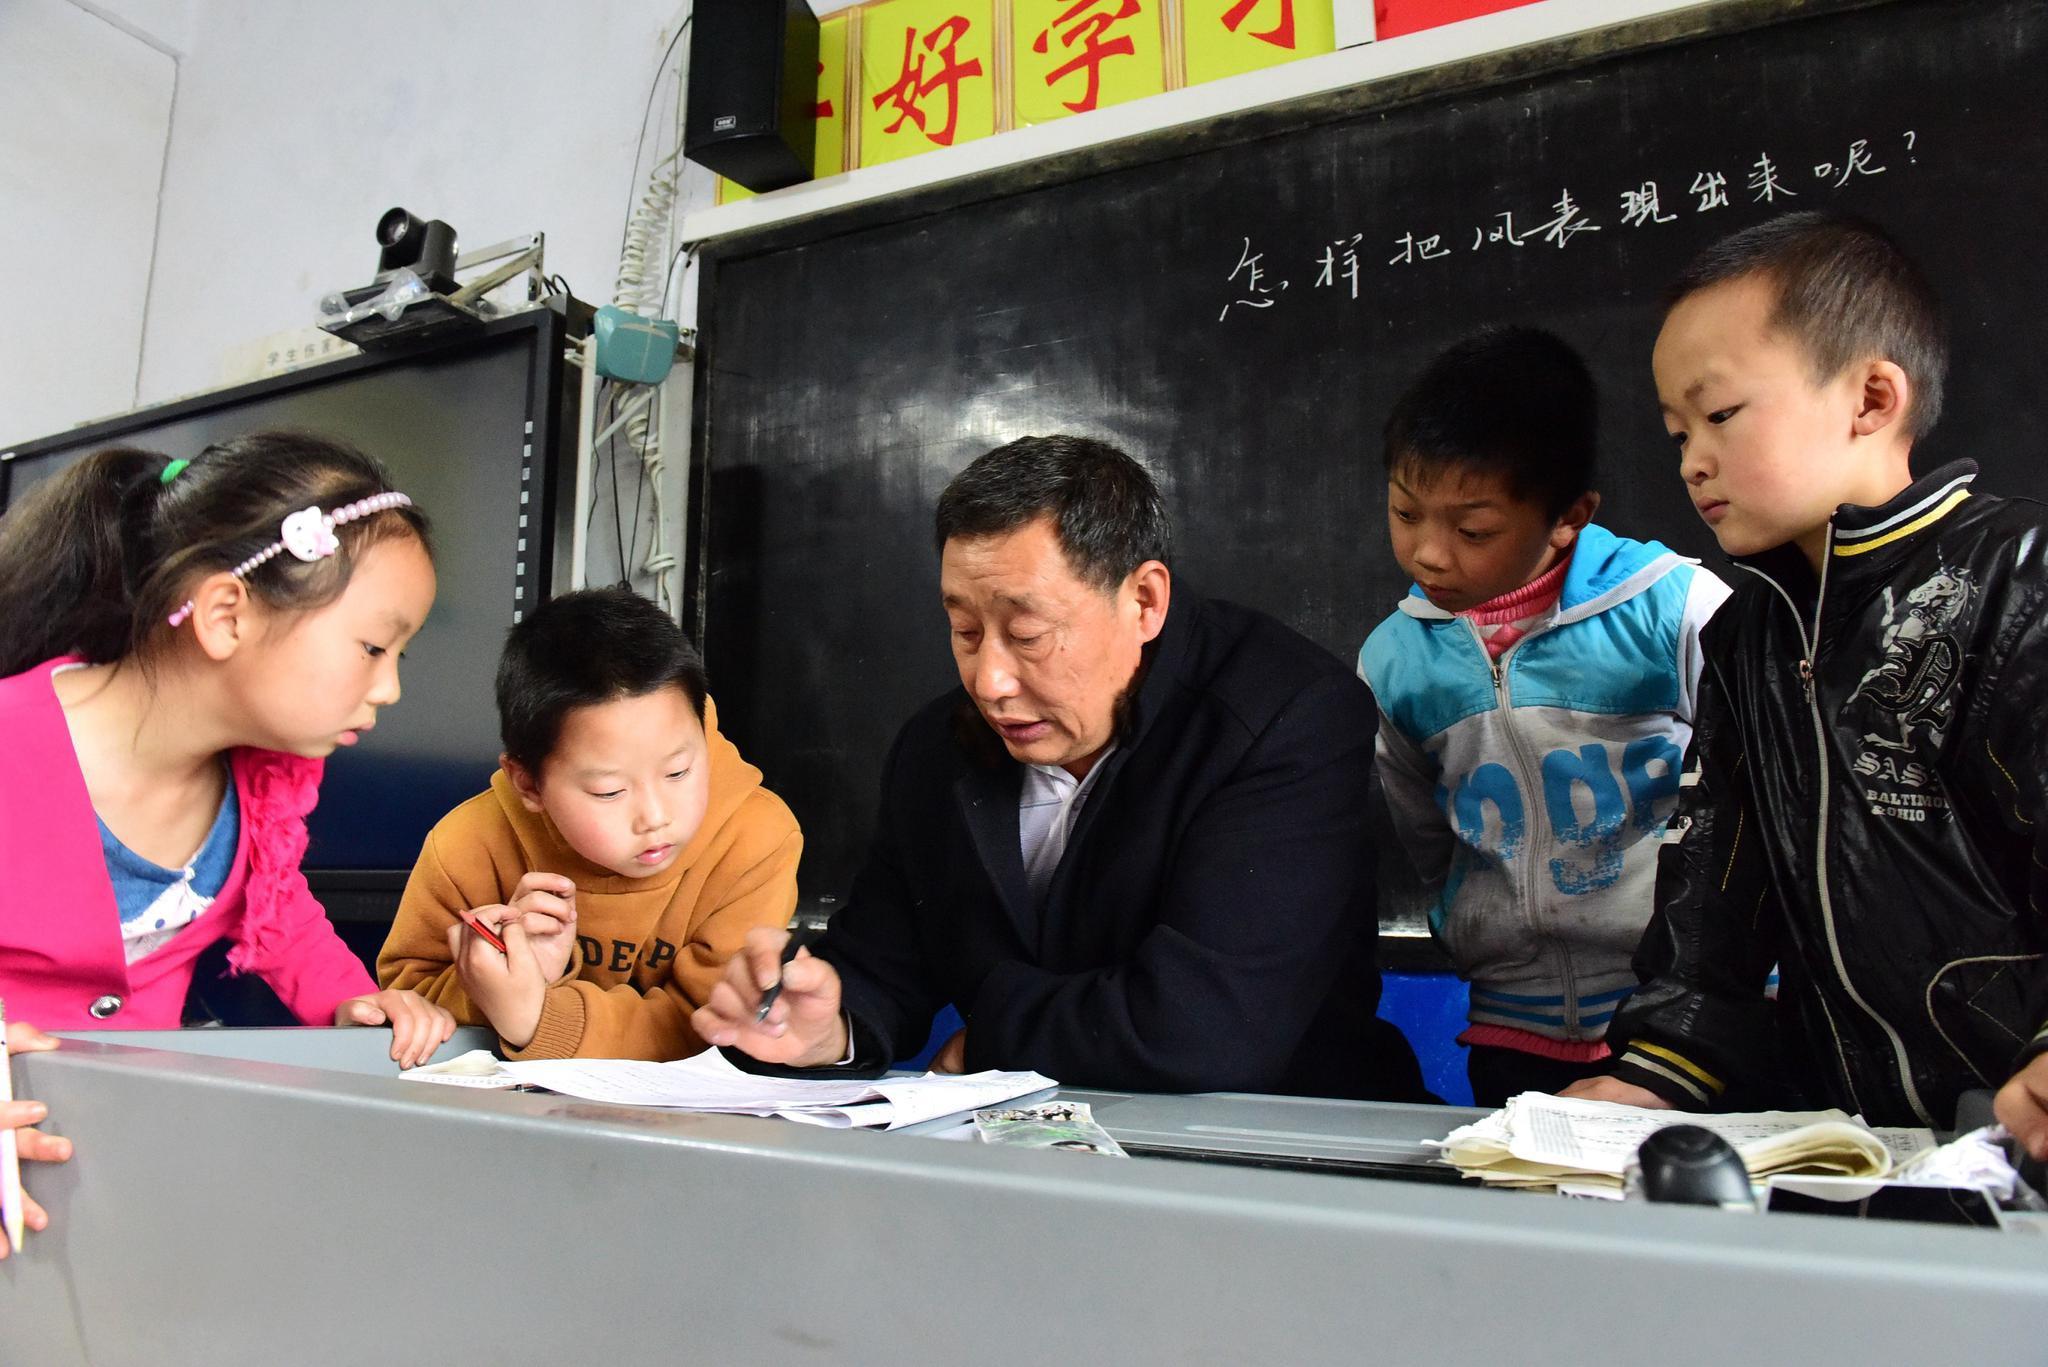 国务院:要在西部建设一批应用型本科高校、高职学校